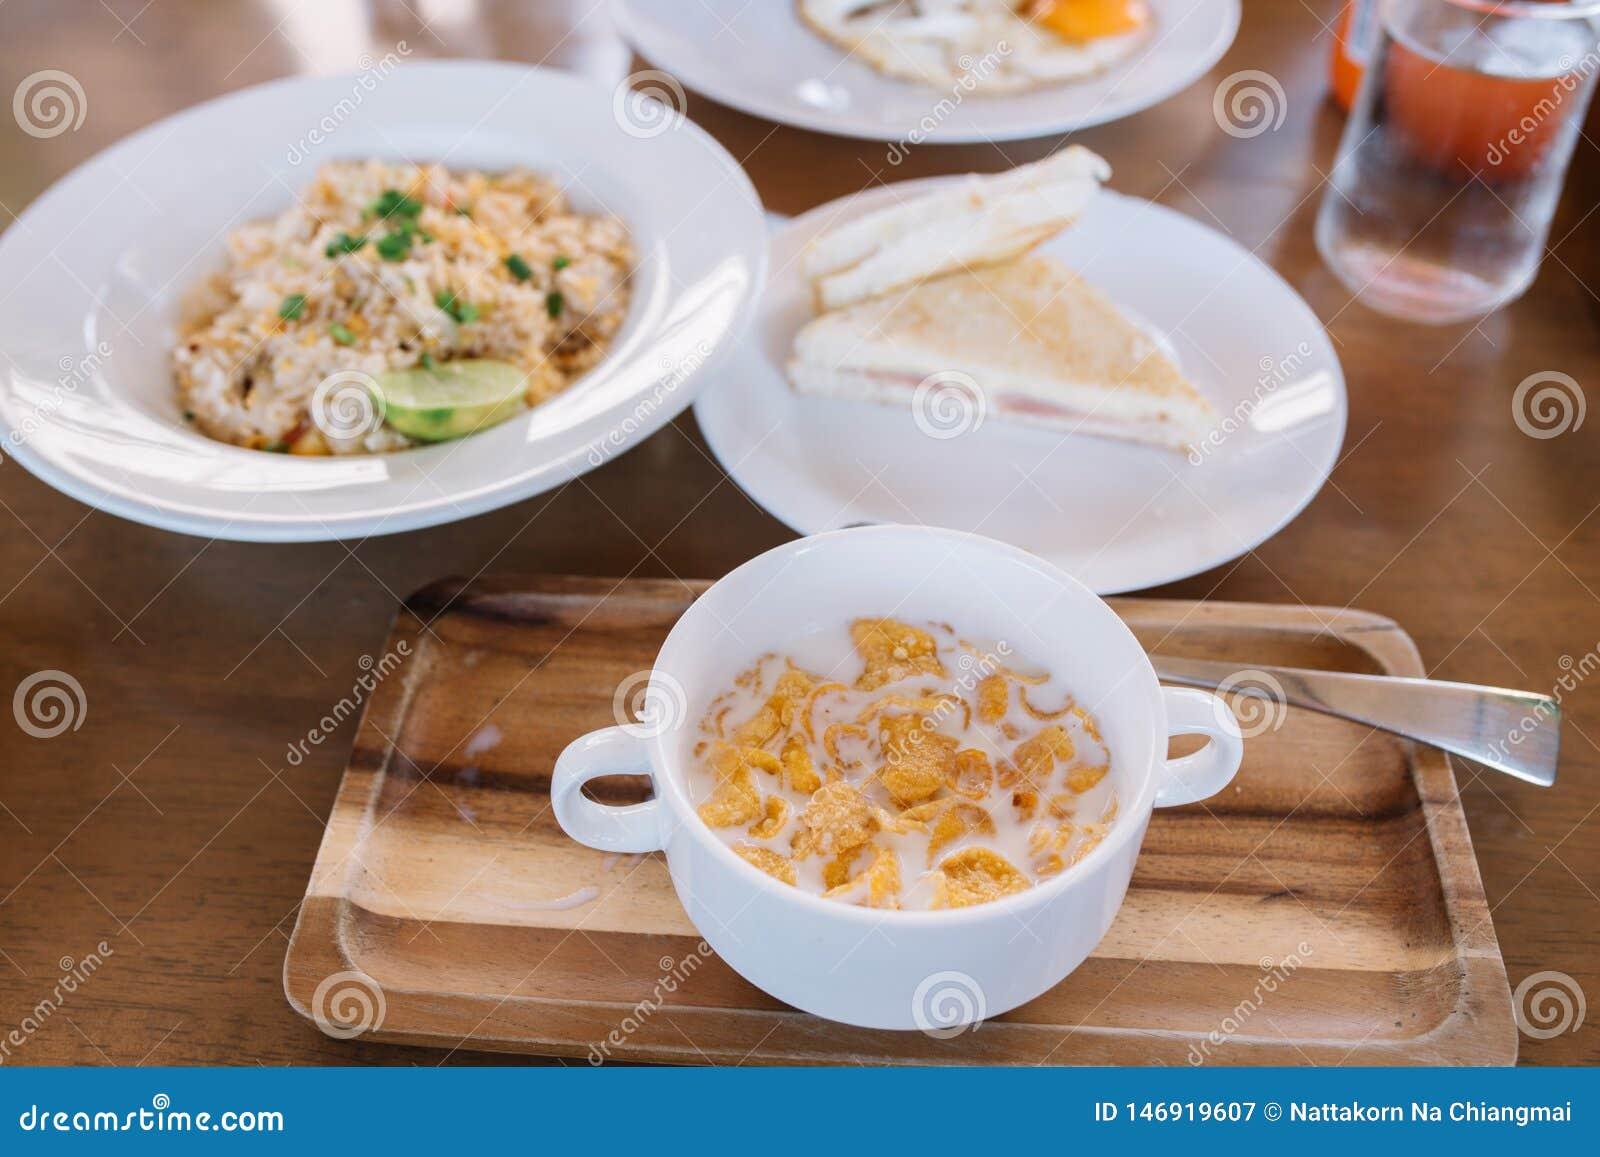 Table de petit déjeuner - placez de la céréale remplie du lait dans la cuvette et le plat en bois